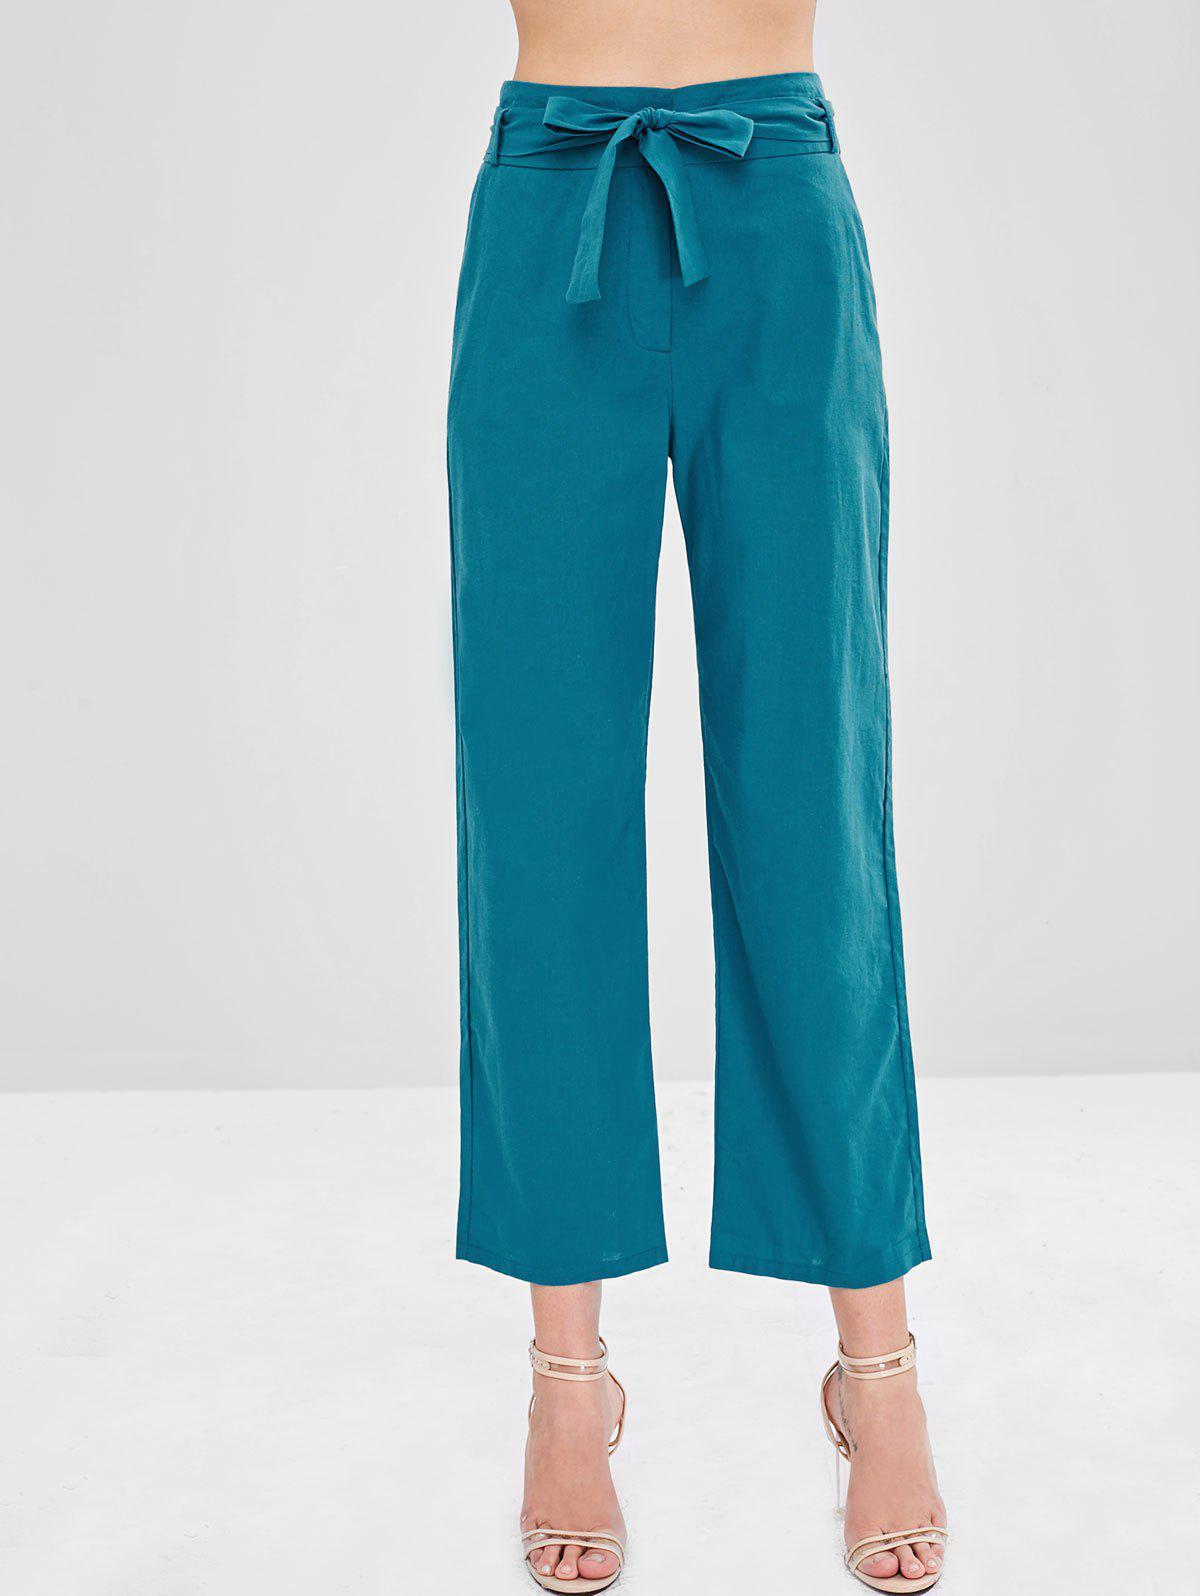 ZAFUL High Waist Belted Wide Leg Pants, Peacock blue